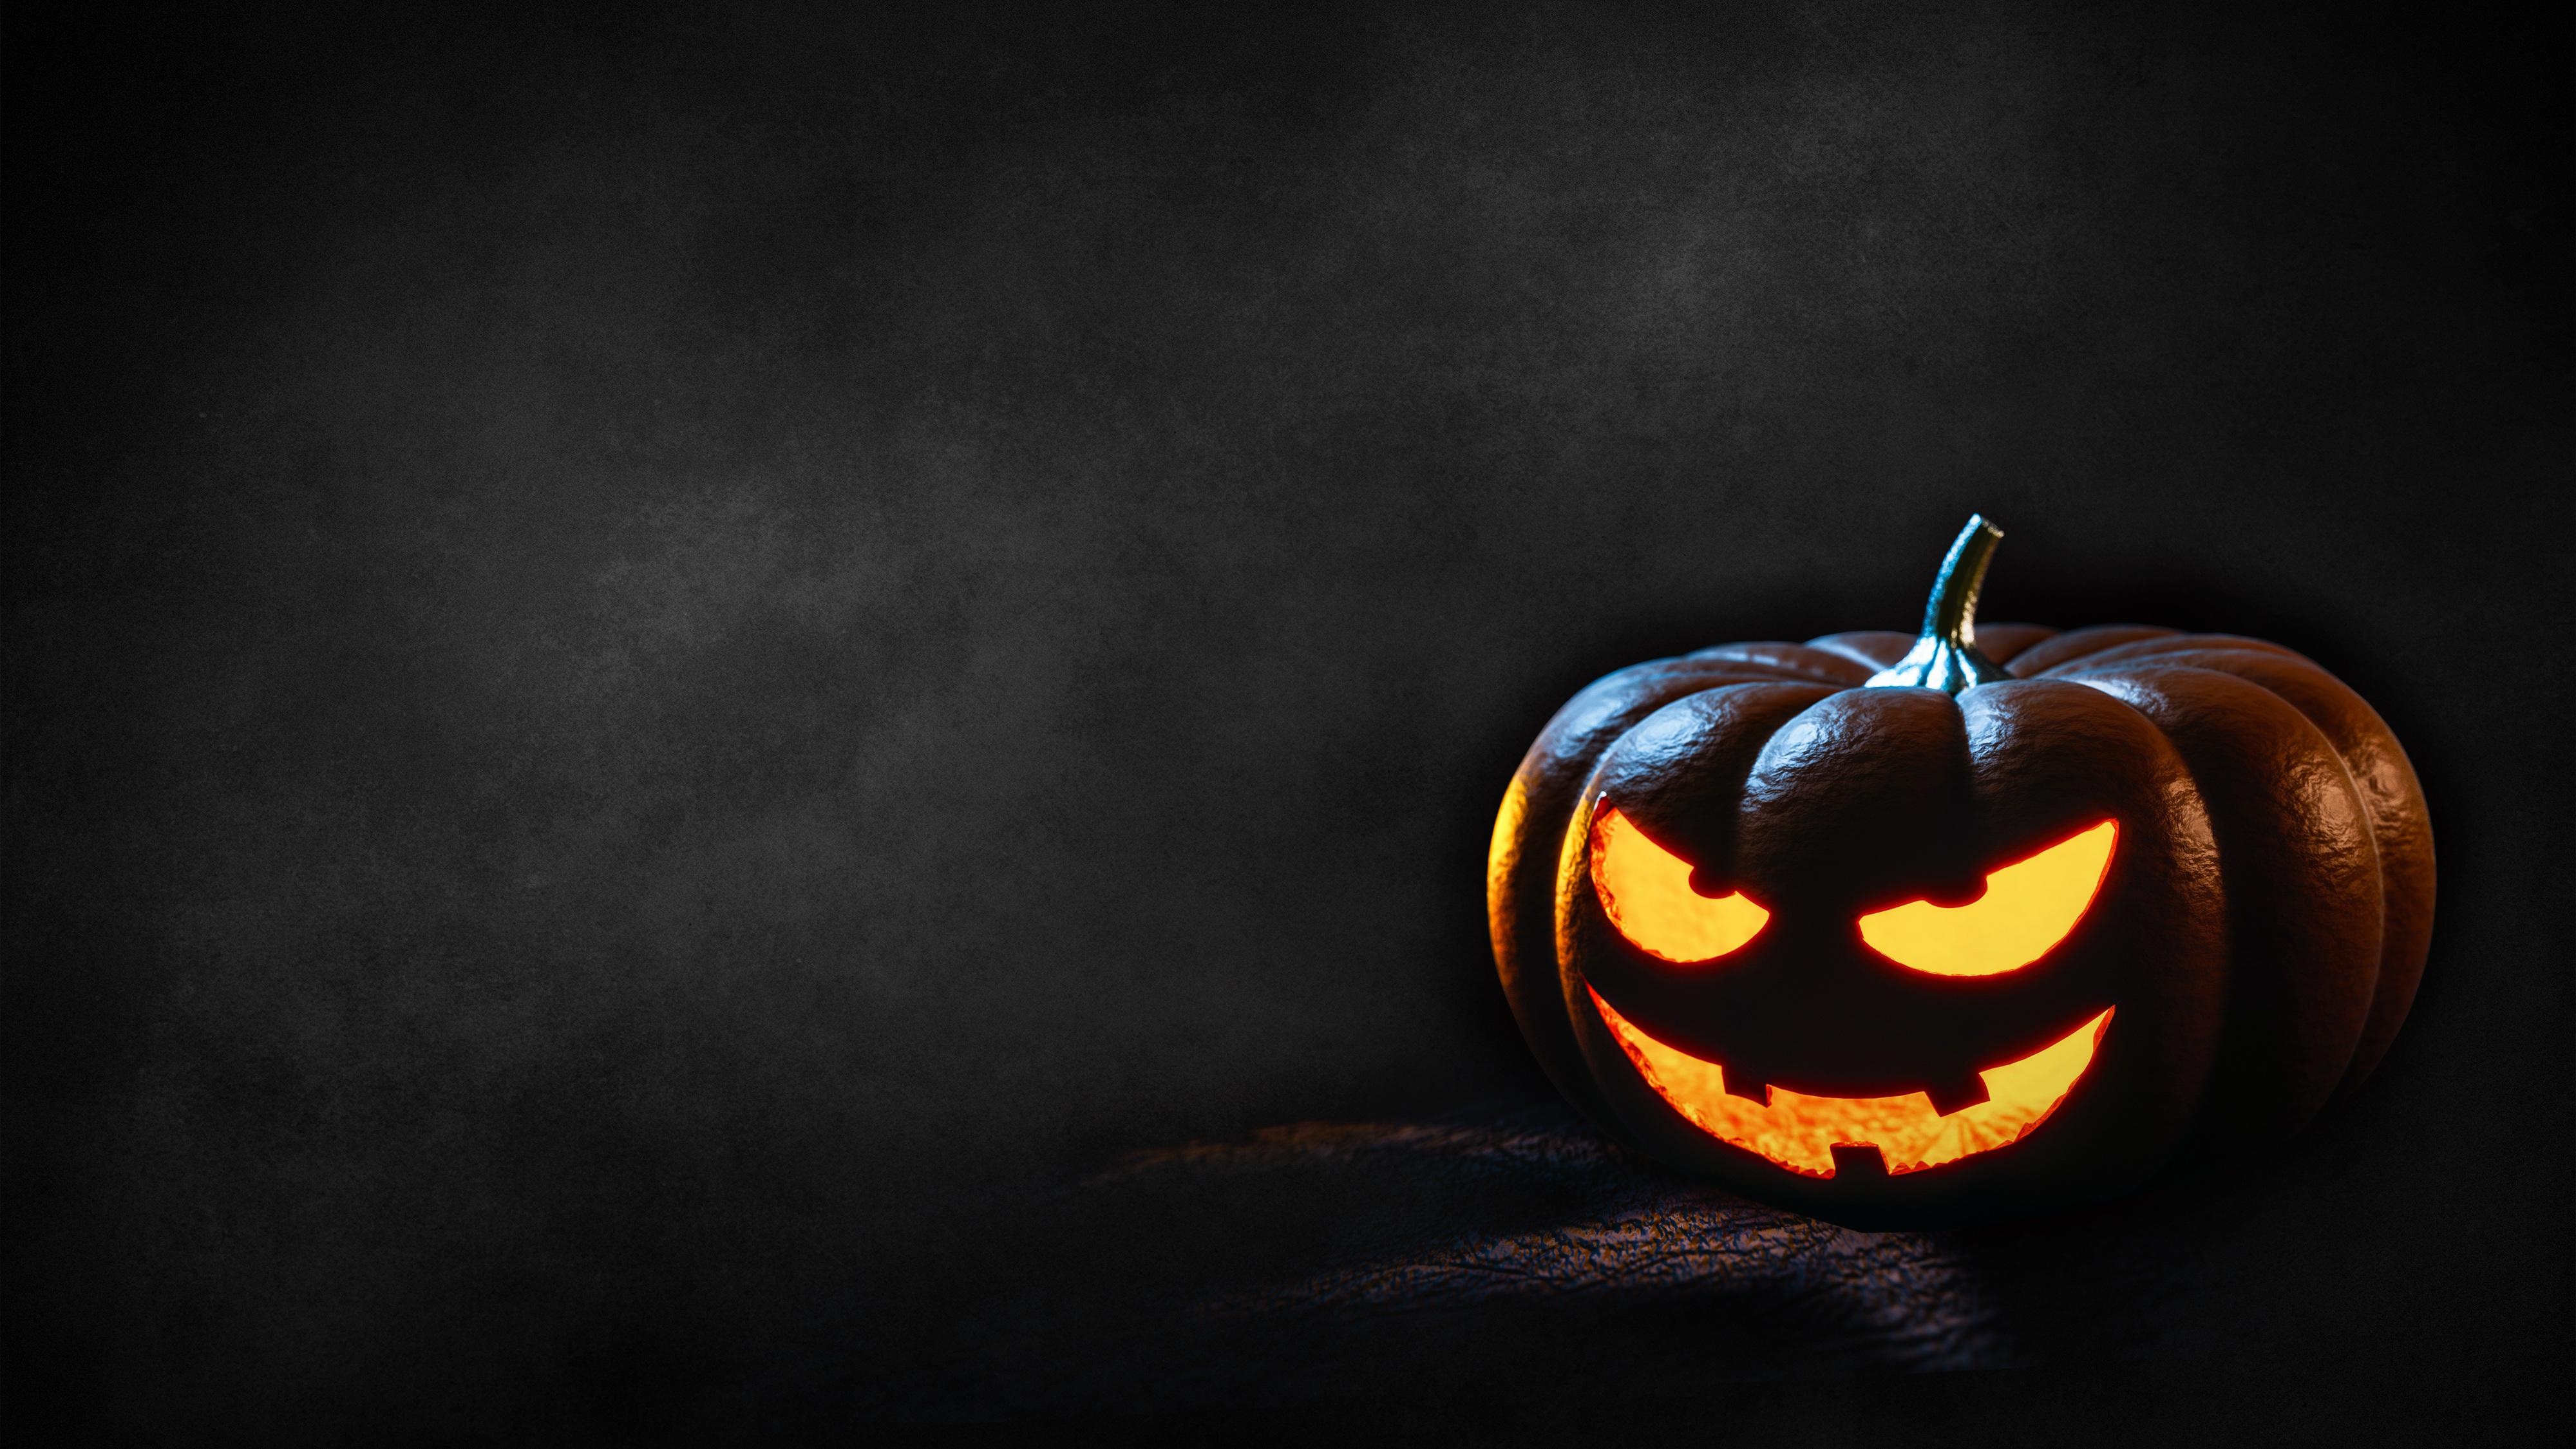 Cool Wallpaper Halloween Iphone 5 - happy-halloween-pumpkin-img  Trends_573199.jpg